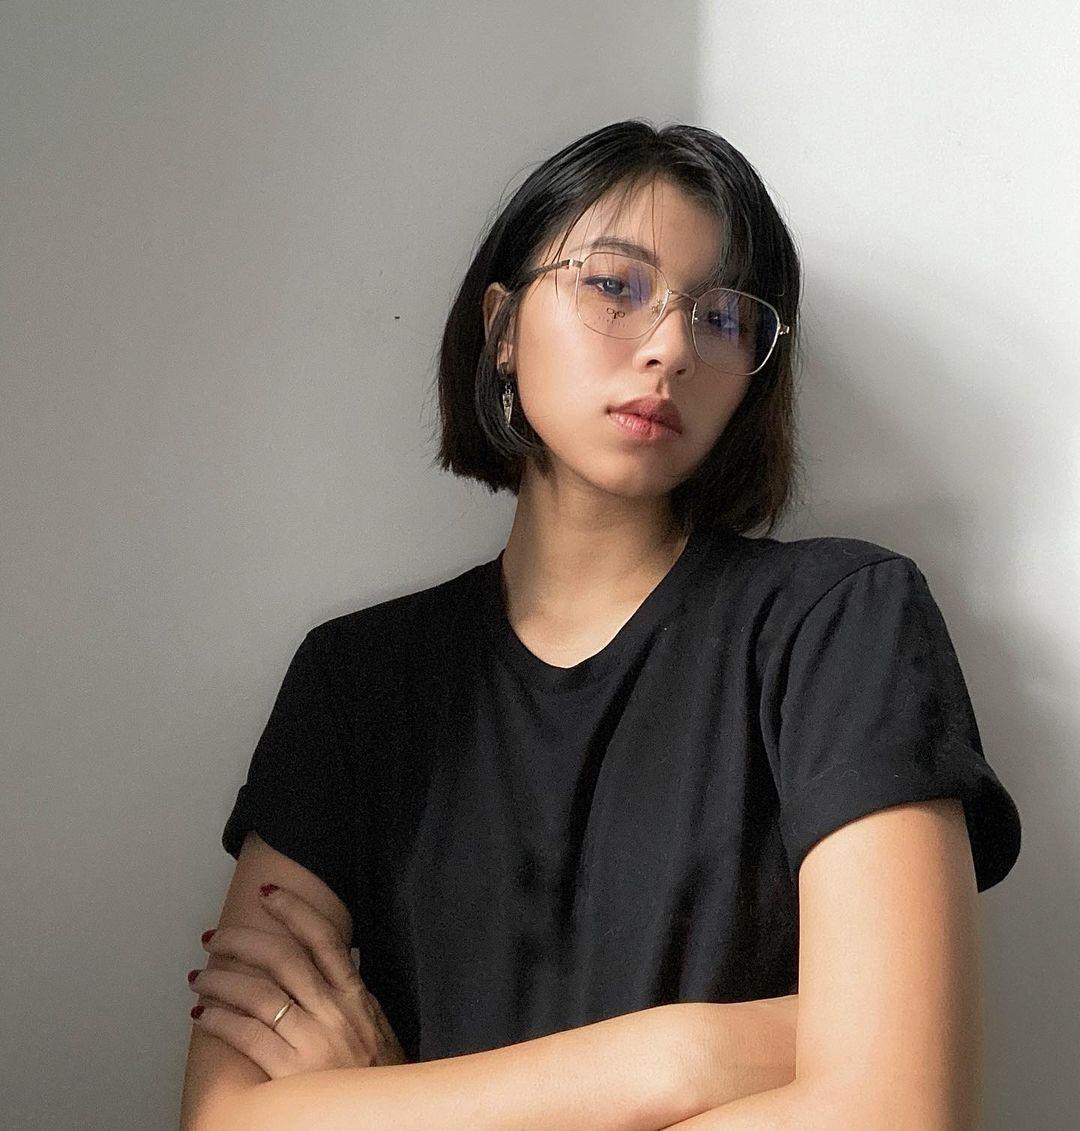 5 mỹ nhân Việt để tóc ngắn xuất sắc nhất: Ngắm là muốn cắt phăng mái tóc dài, nàng 30+ tìm được nhiều kiểu siêu hợp - Ảnh 7